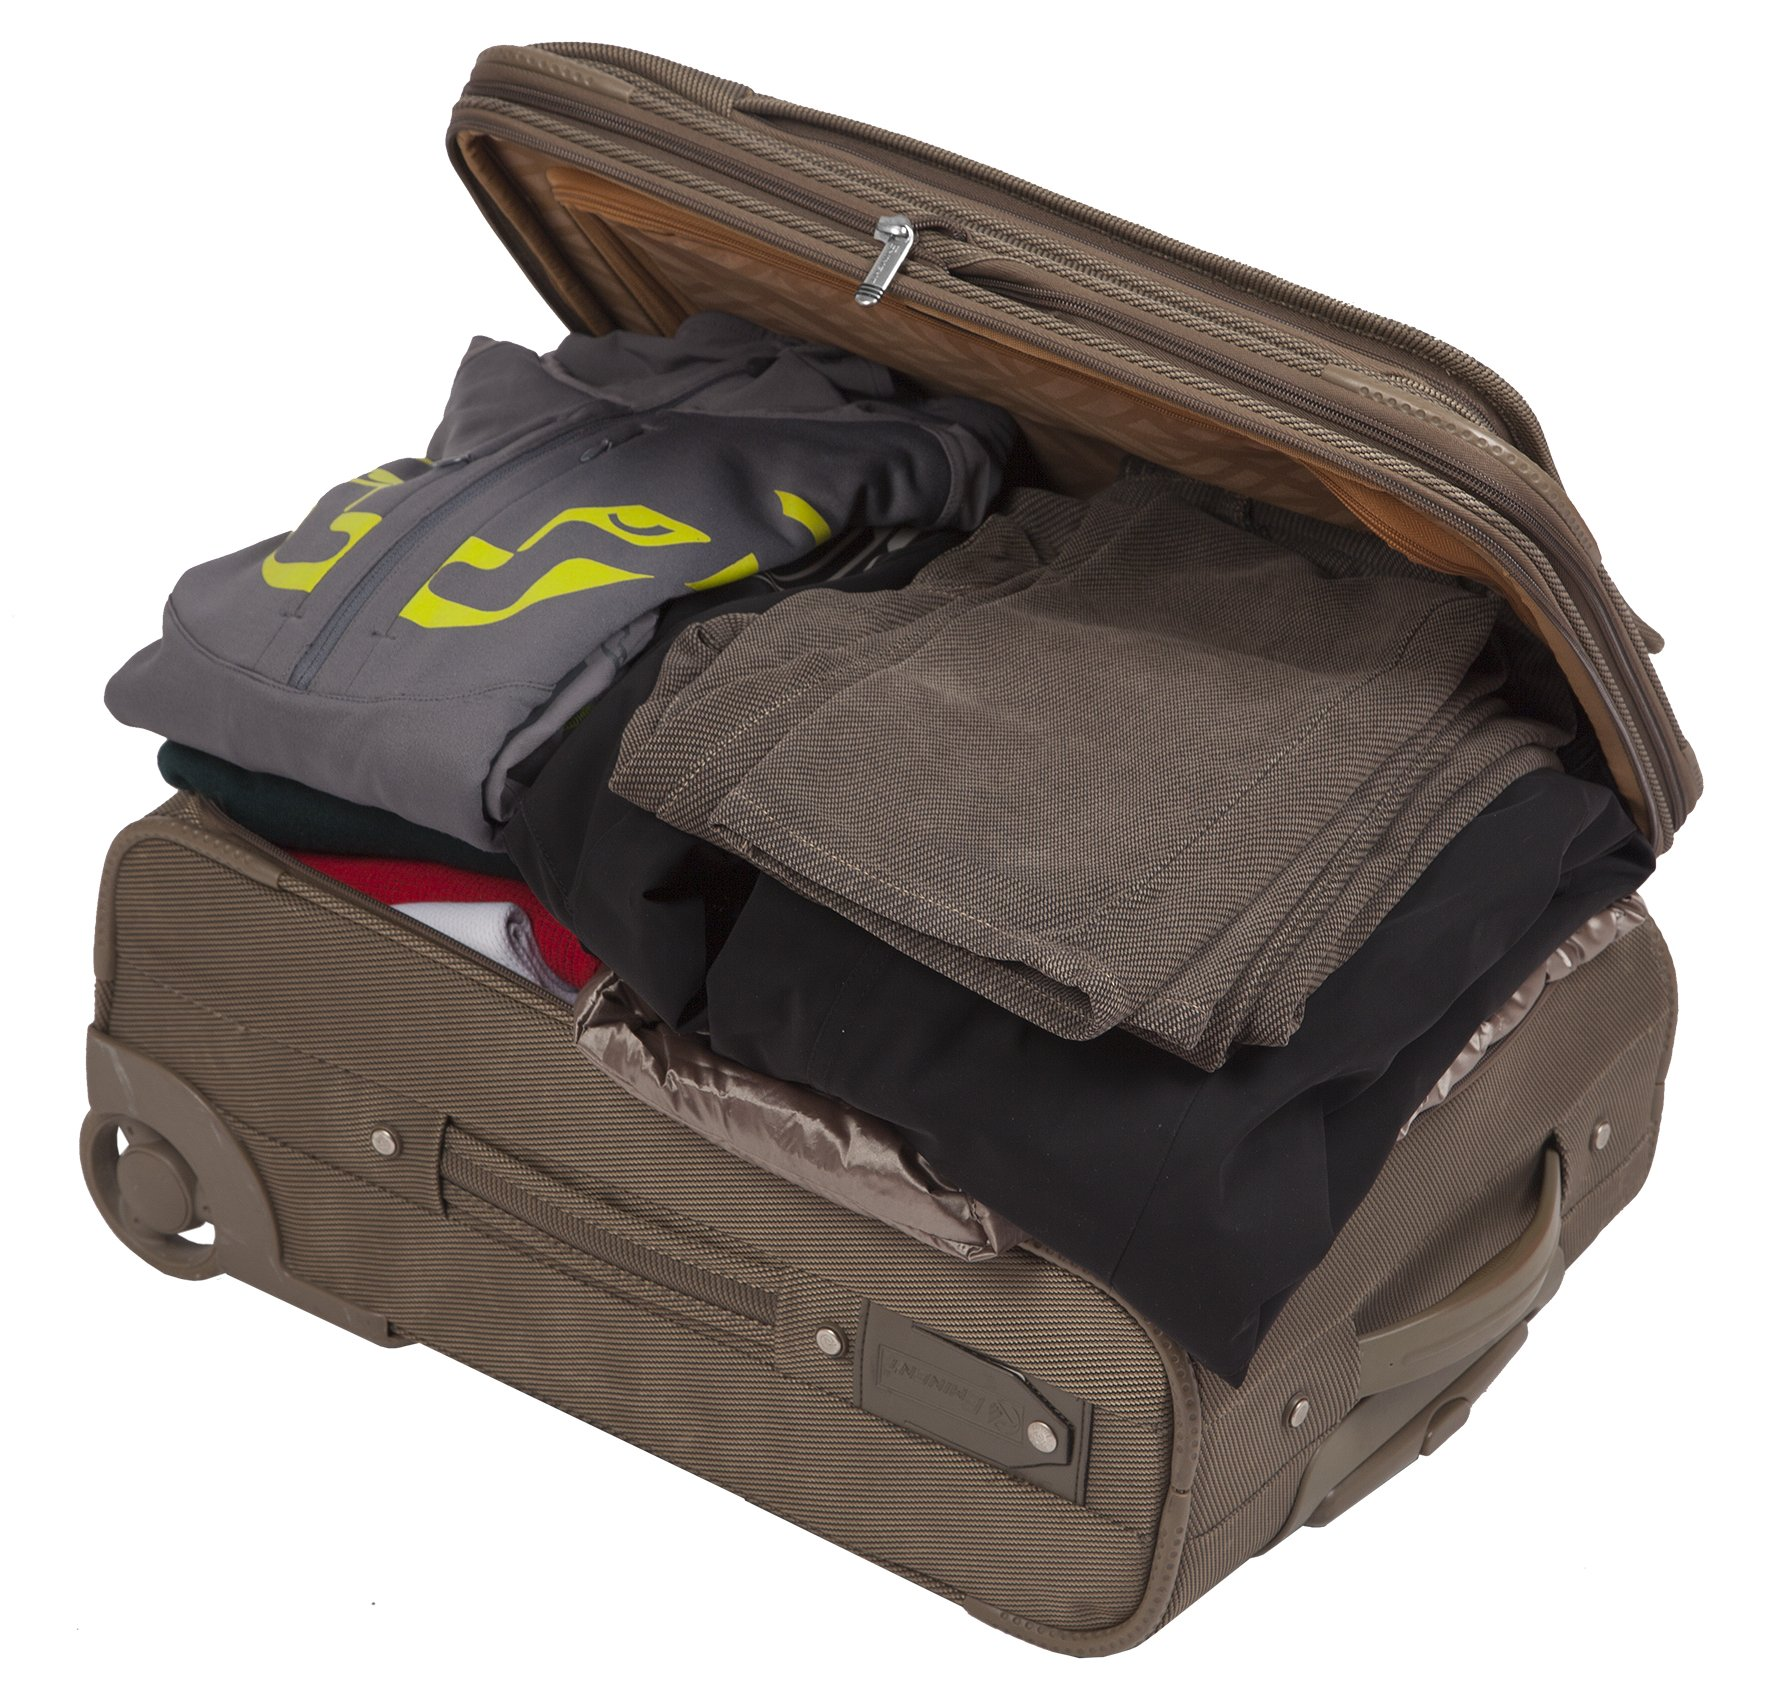 6 sacchi sotto-vuoto salvaspazio riutilizzabili | MY VACUUM-BAG TO STORE | dimensione universale 60 x 80 cm | sacchi per custodire vestiti, piumoni | riduce il volume | protegge dall'umidità, polvere